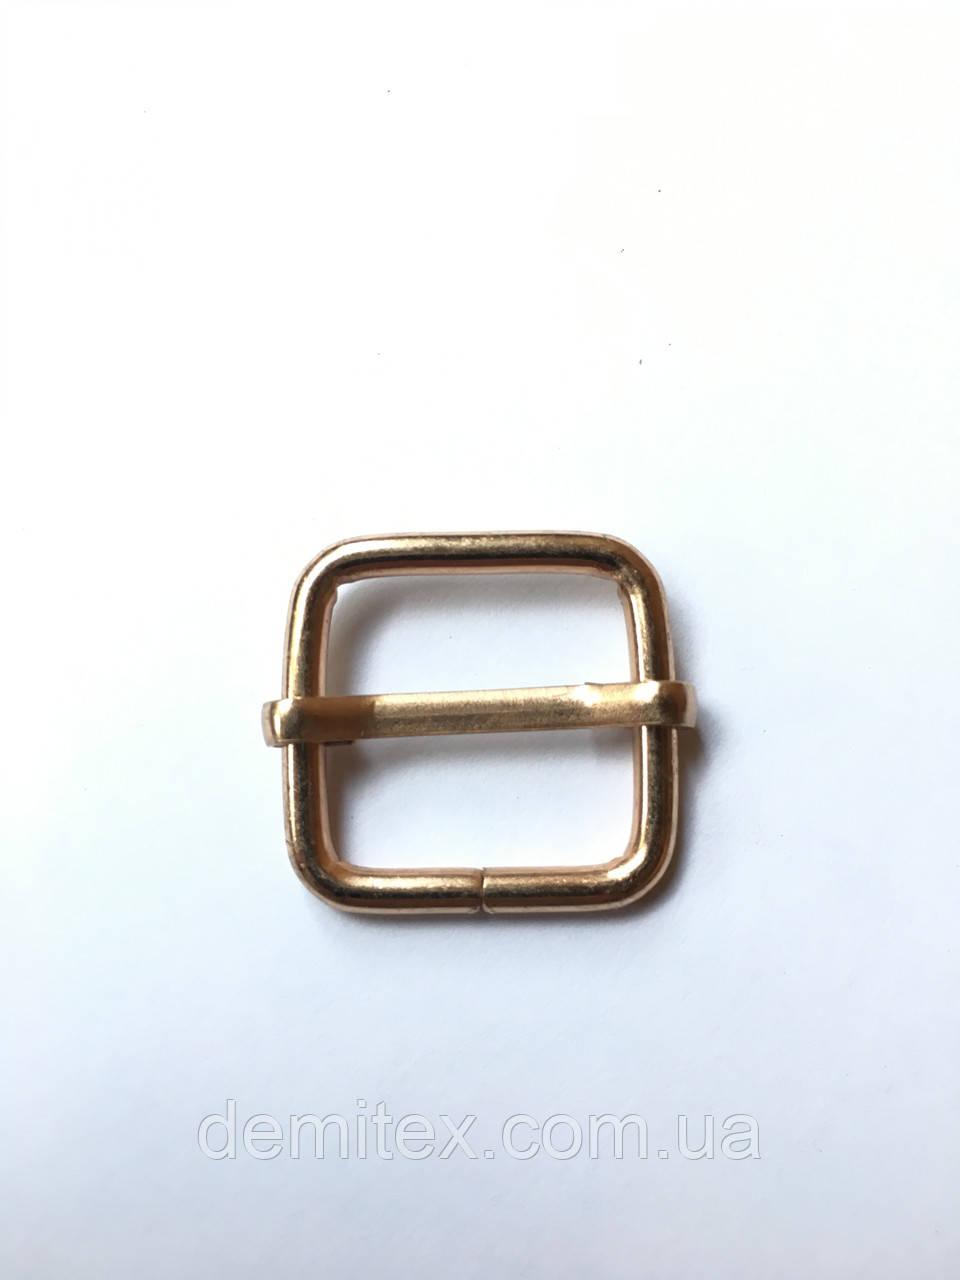 Рамка регулятор Перетяжка 20х20х3.5мм золото